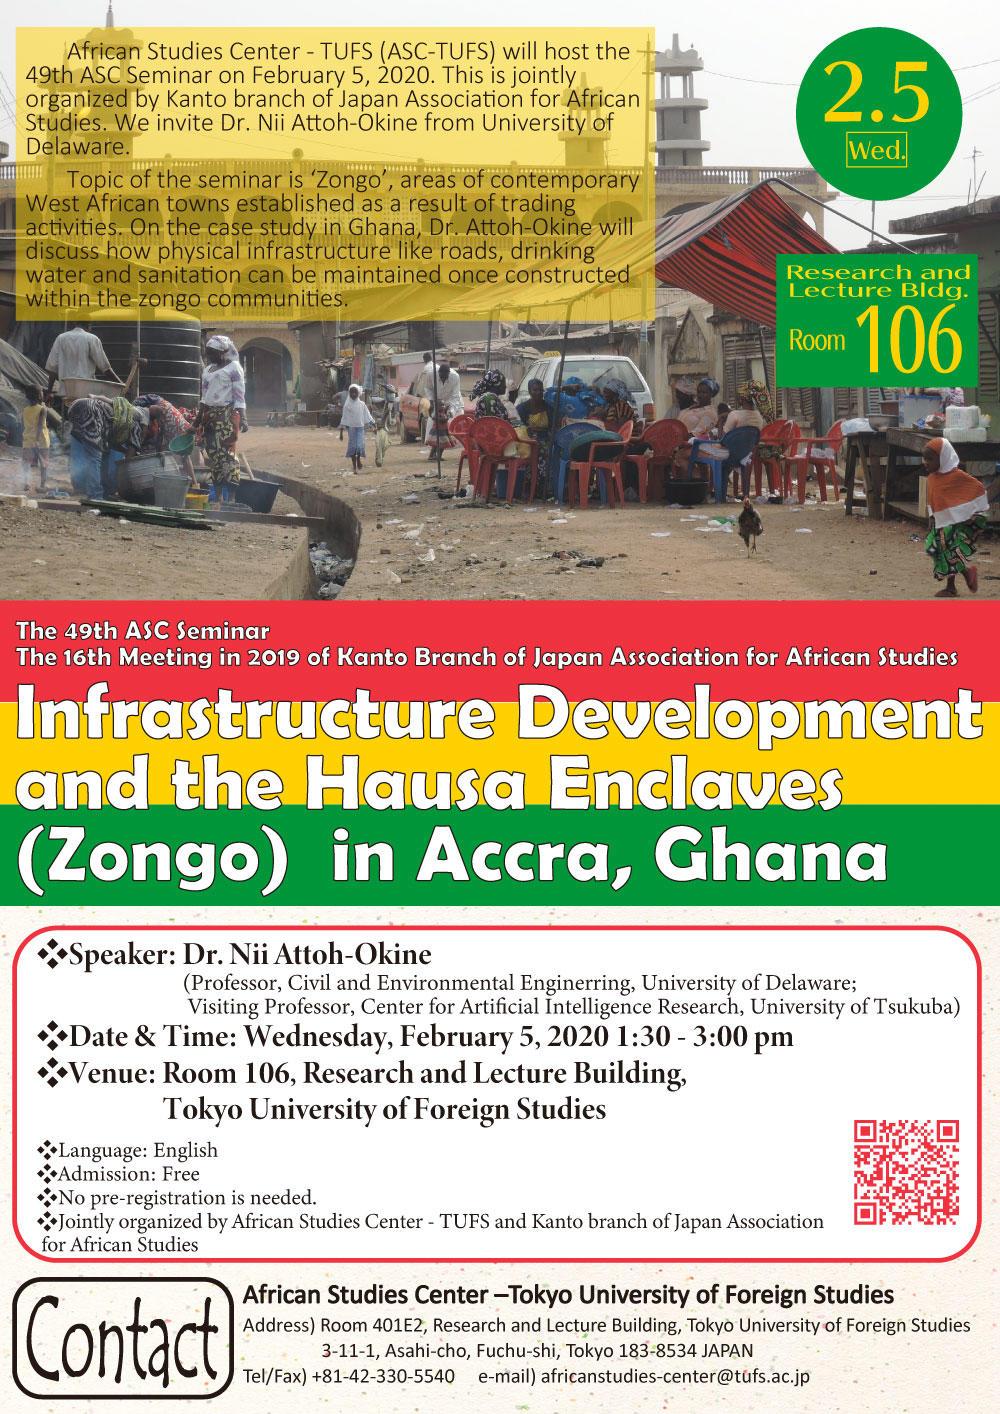 ガーナにおけるインフラ開発に関するセミナーを開催します